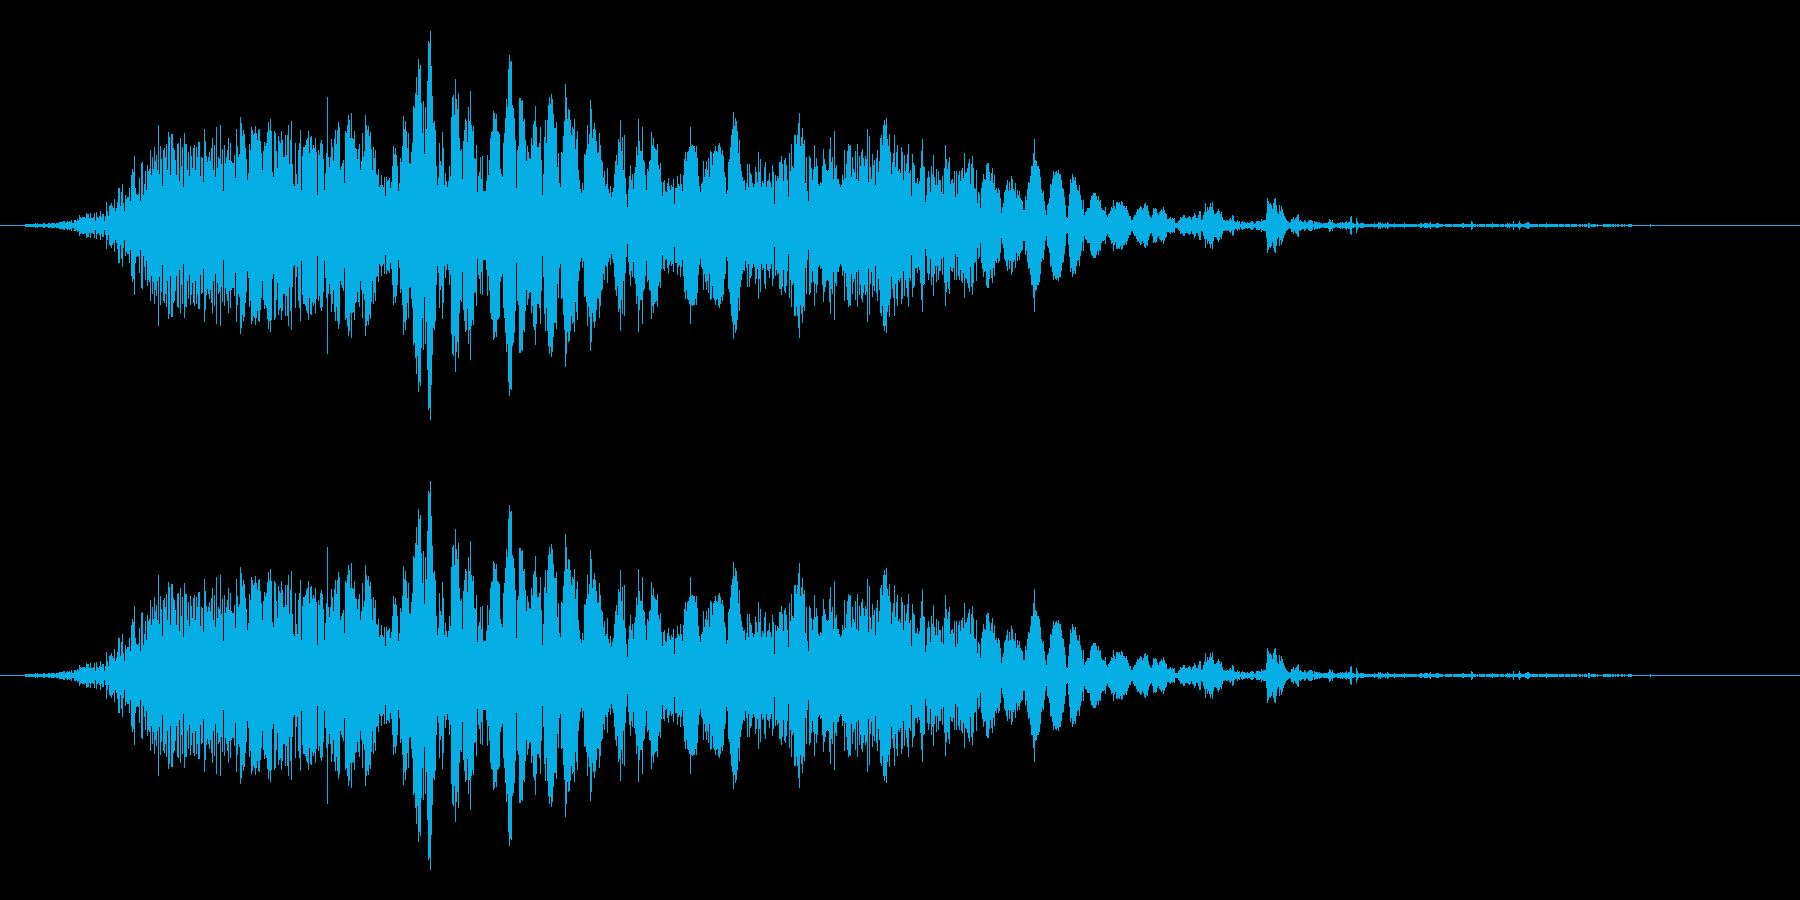 斬撃音(刀や剣で斬る/刺す効果音)14bの再生済みの波形